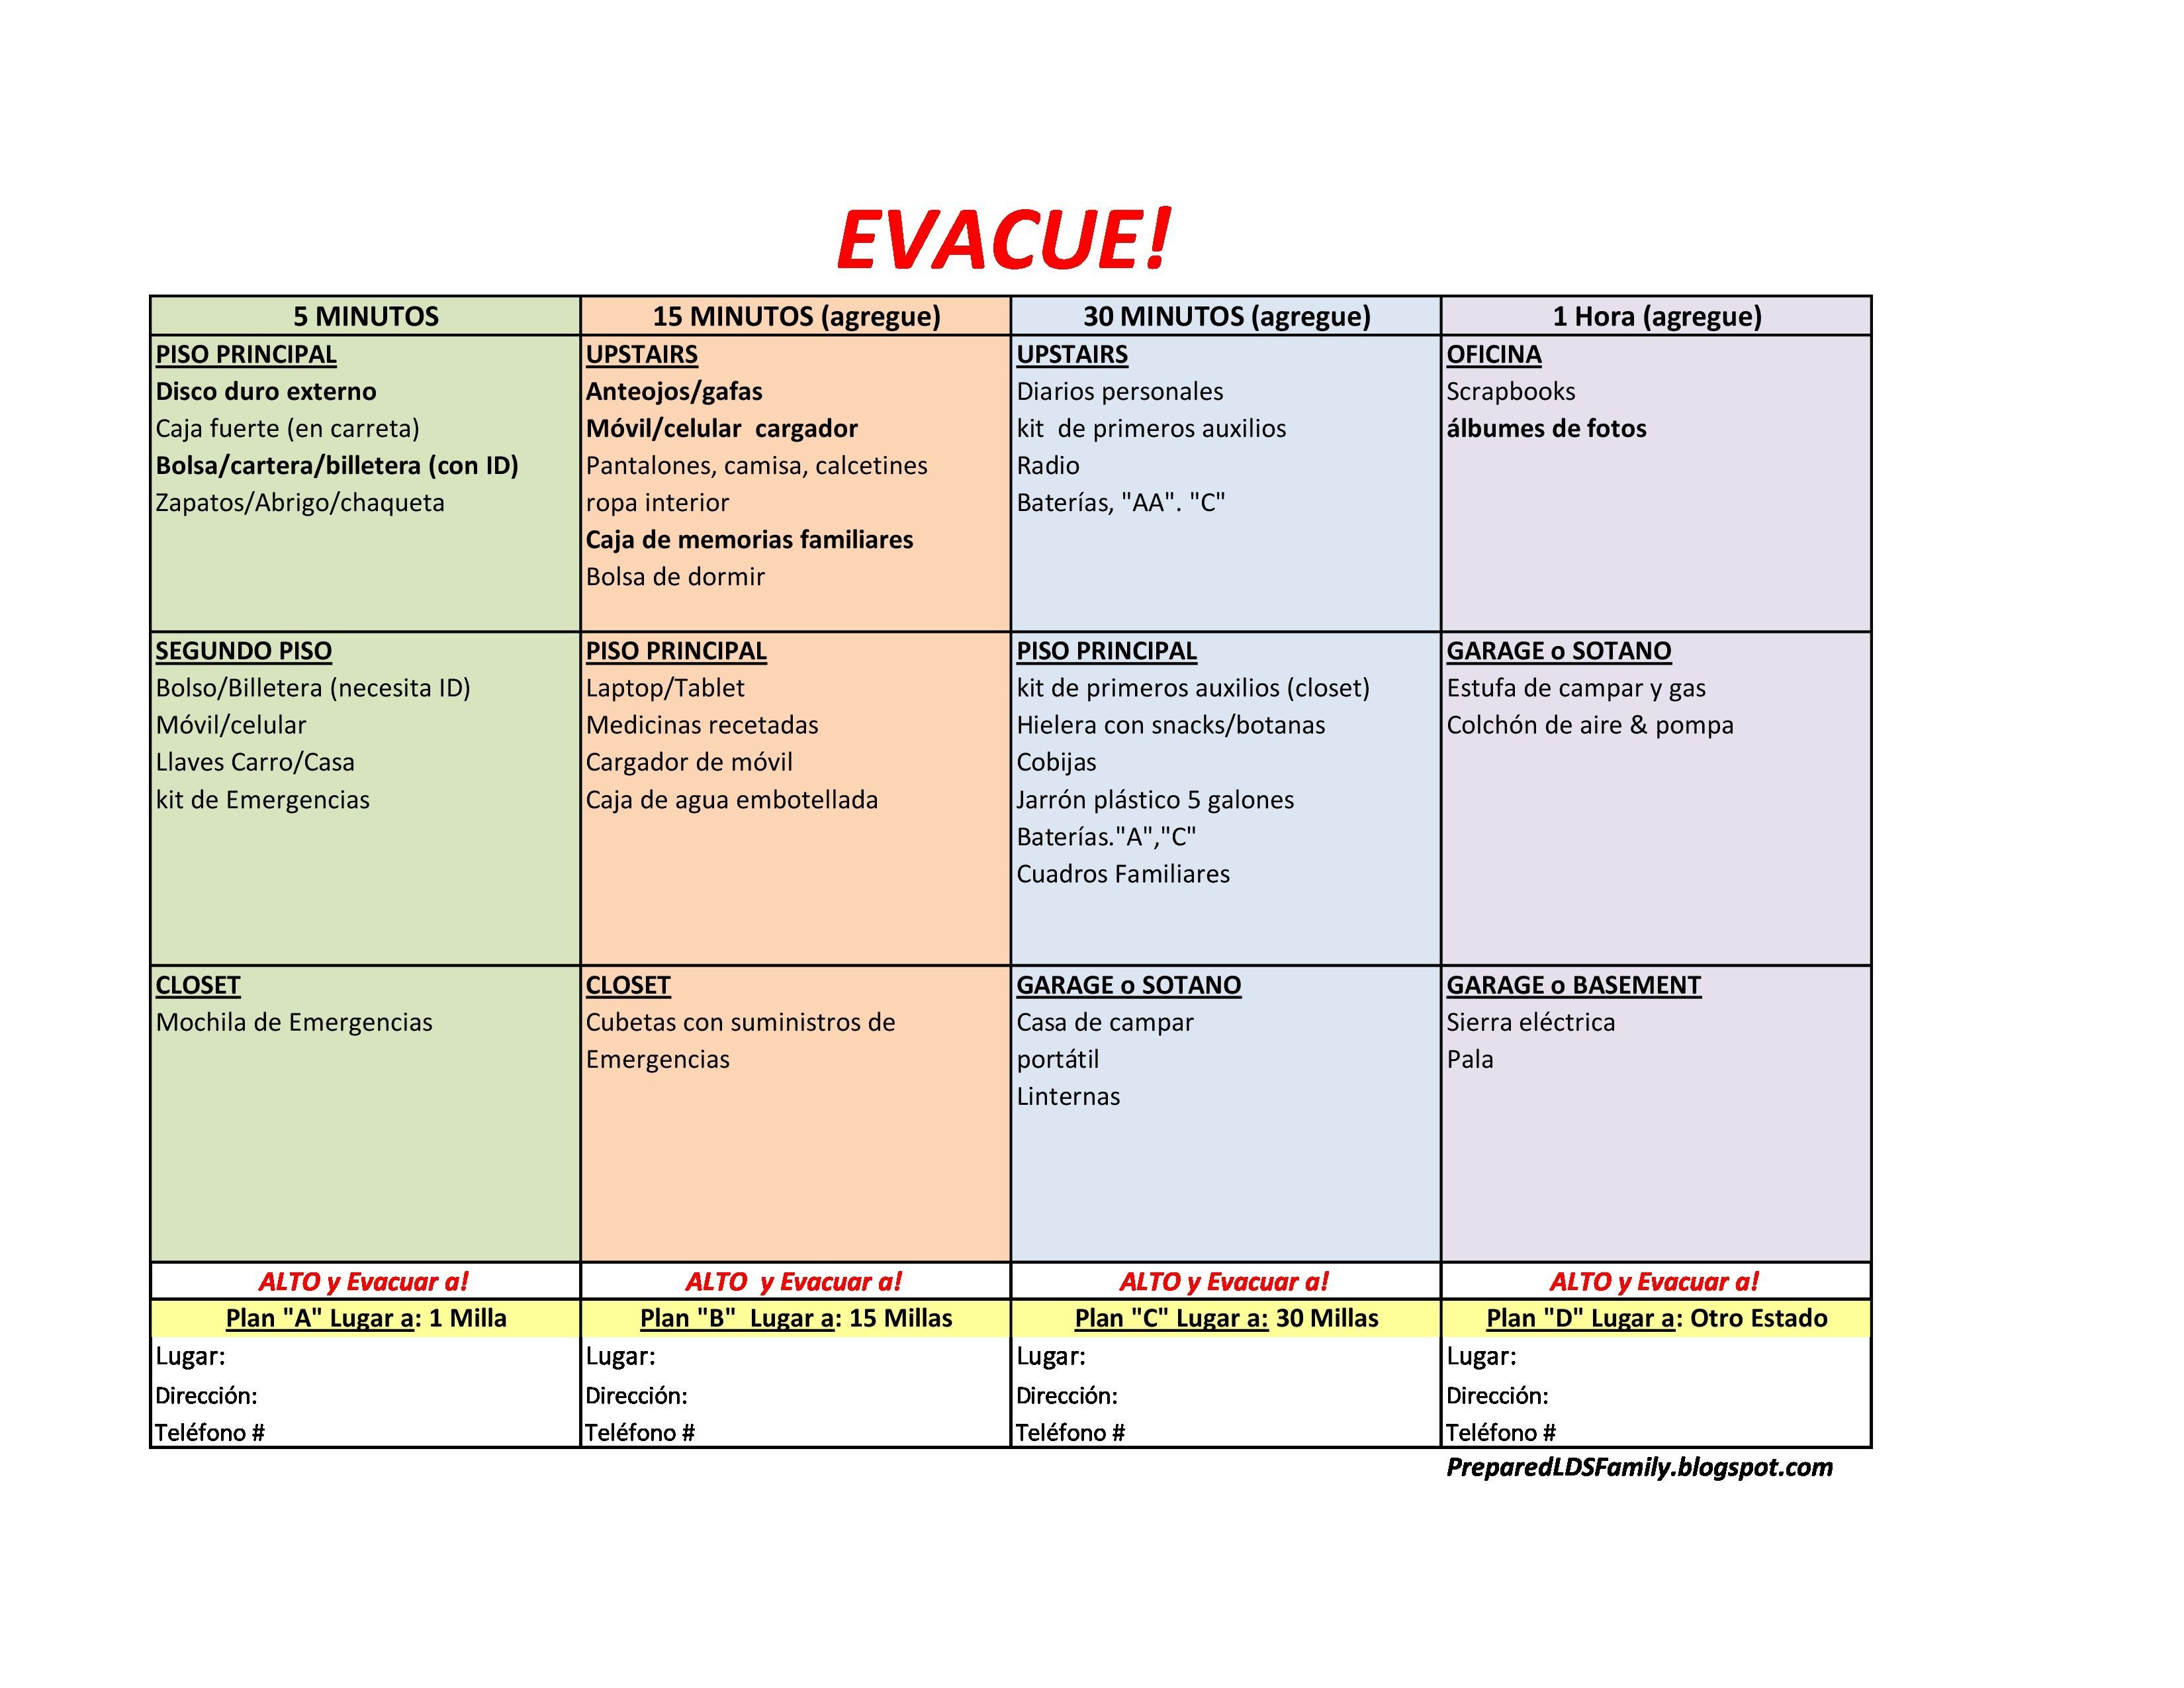 Evacuacion Lista Preparacion Emergencias Incendios Huracanes